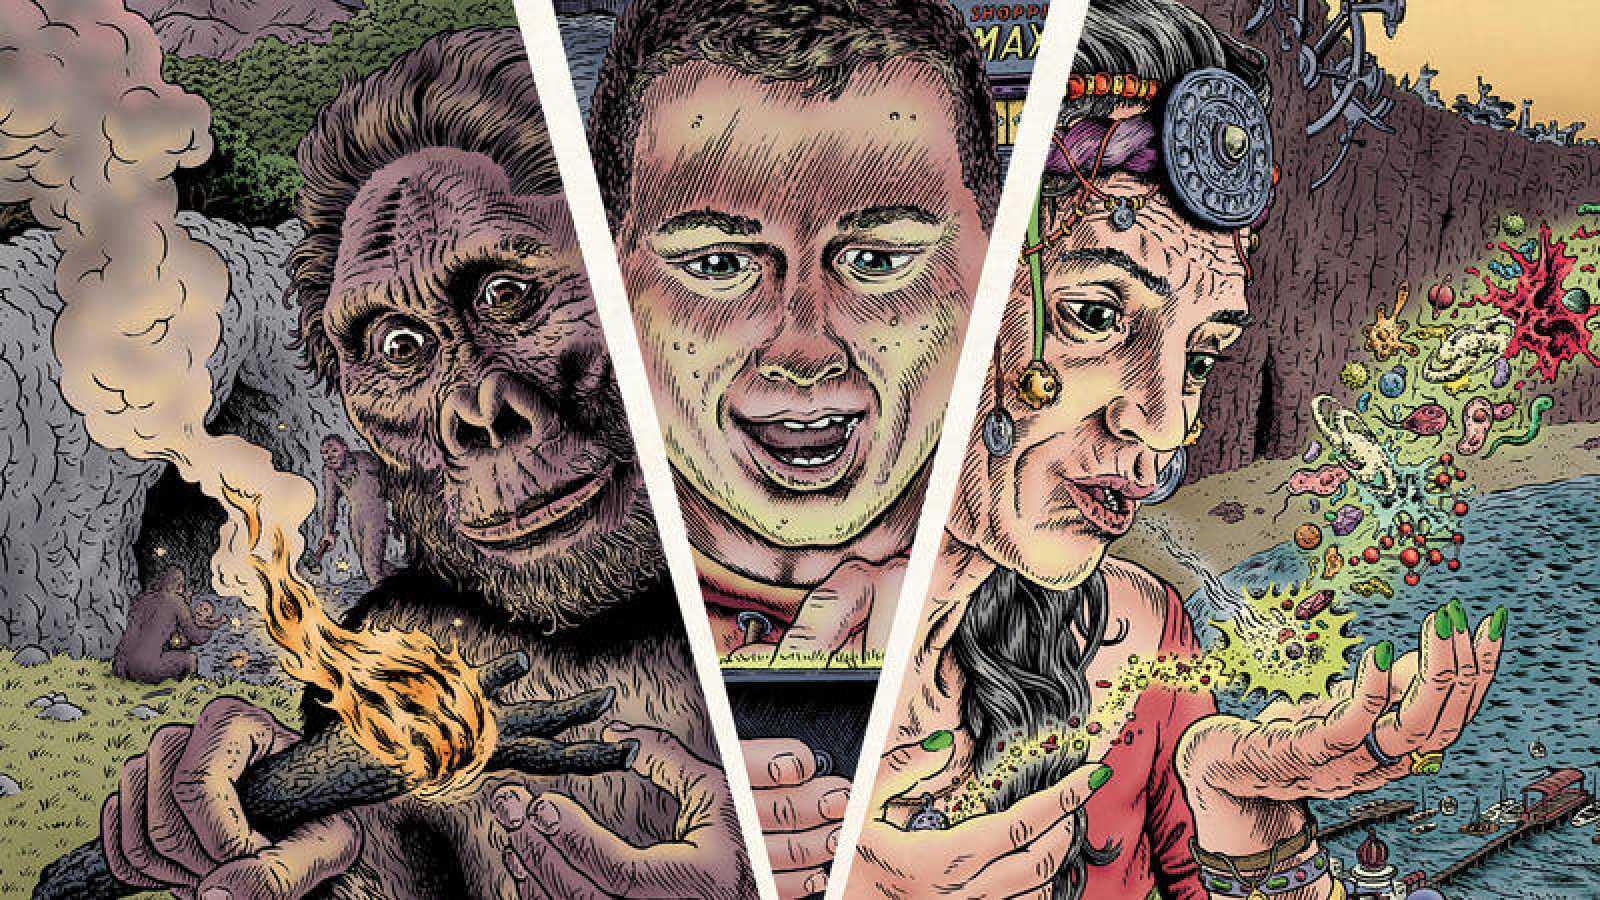 Fragmento de la portada de 'La gran aventura humana'